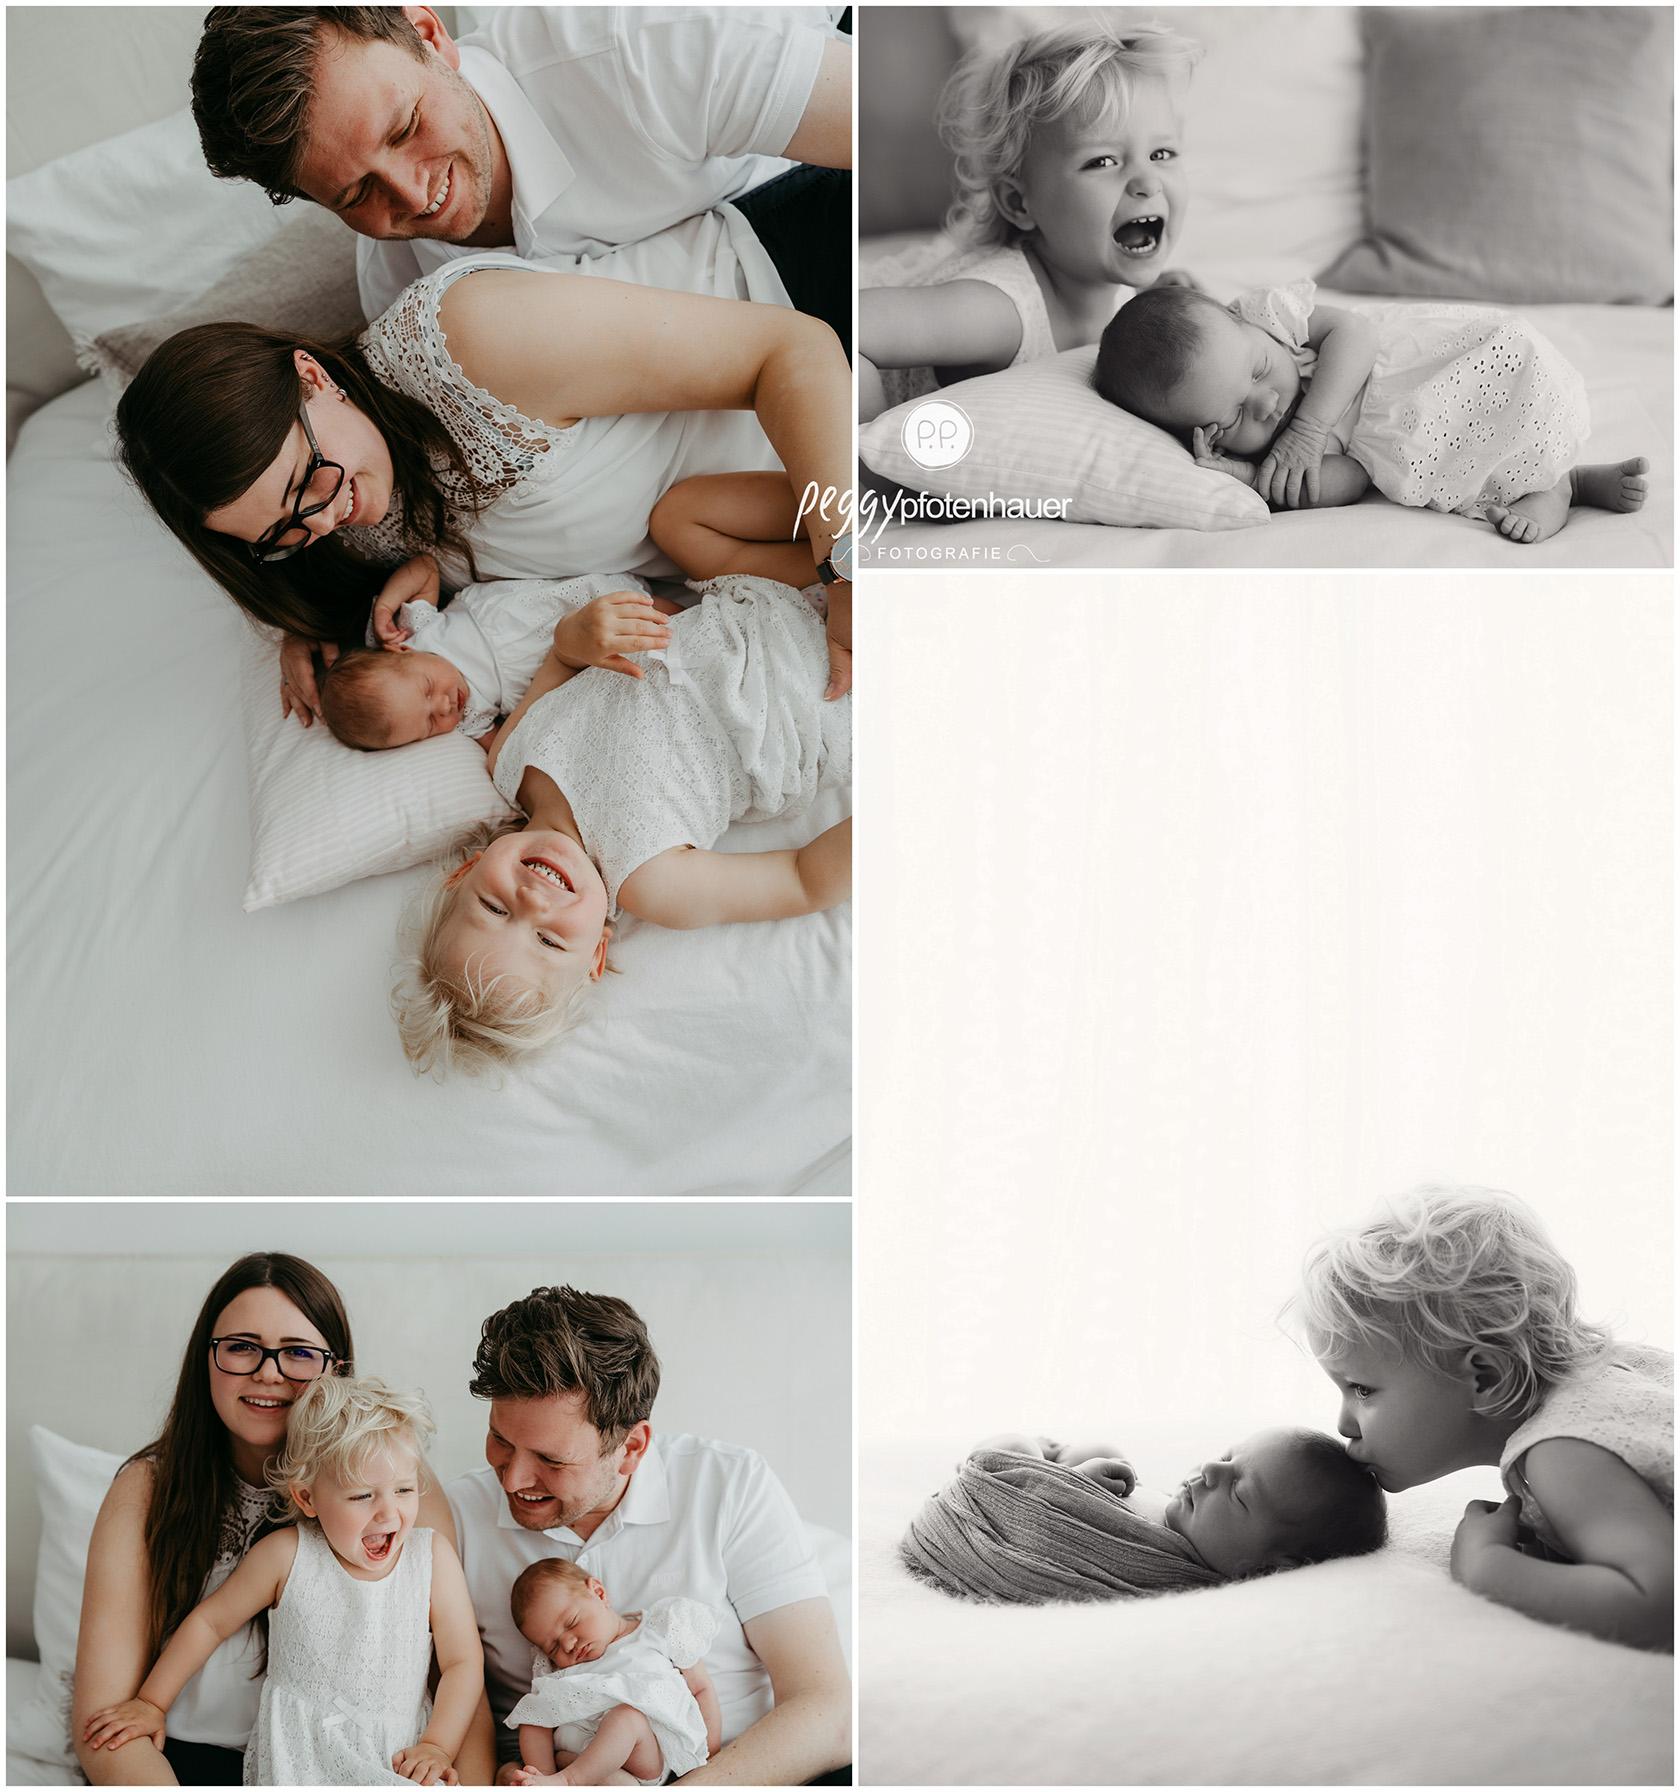 ungestellte Familienbilder